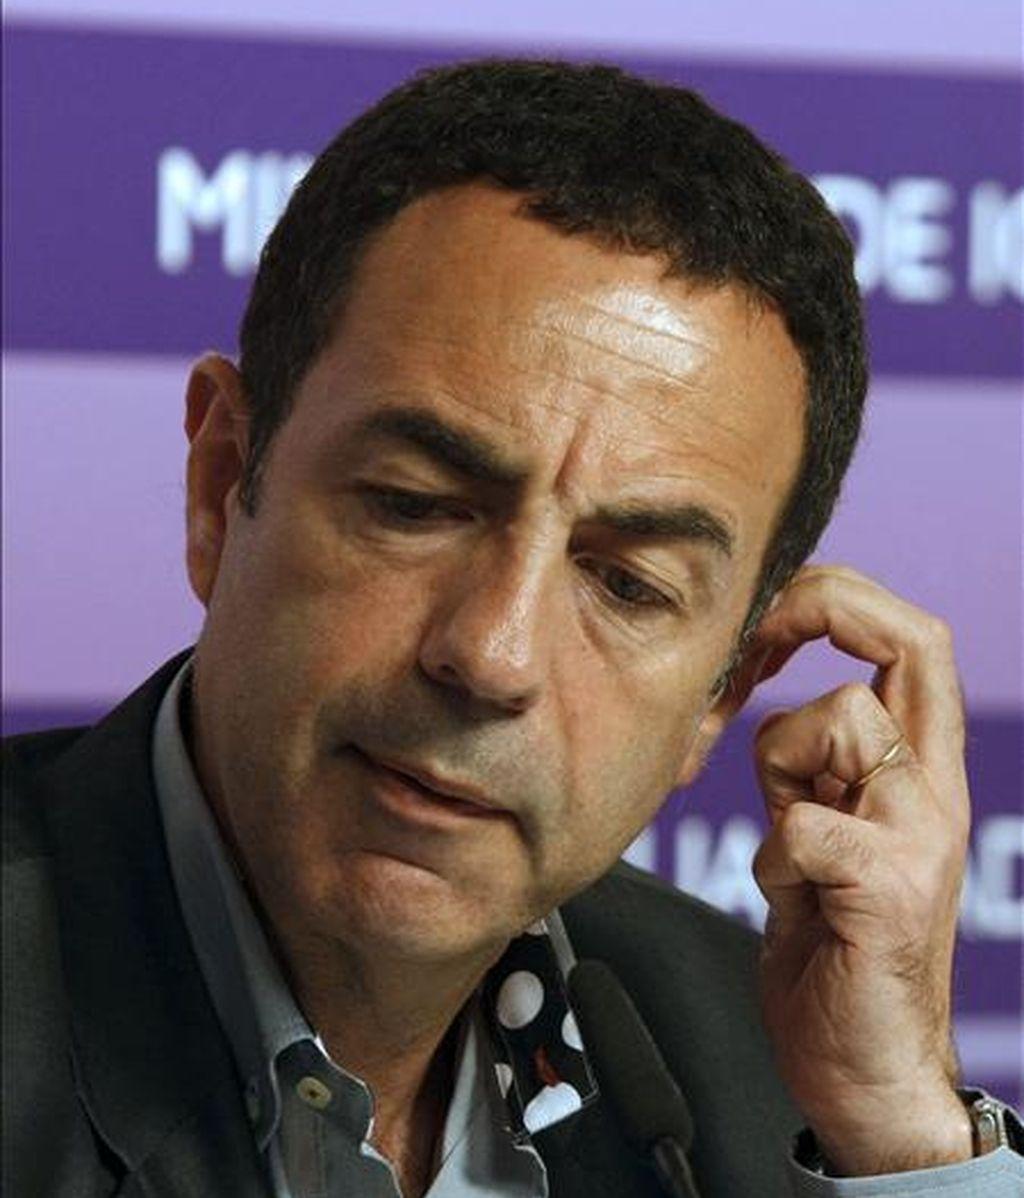 El delegado del Gobierno para la Violencia de Género, Miguel Lorente, durante la presentación hoy en Madrid de un estudio sobre igualdad y prevención de la violencia de género en la adolescencia en el que han participado más de 11.000 estudiantes y 2.700 profesores de las diecisiete comunidades autónomas. EFE